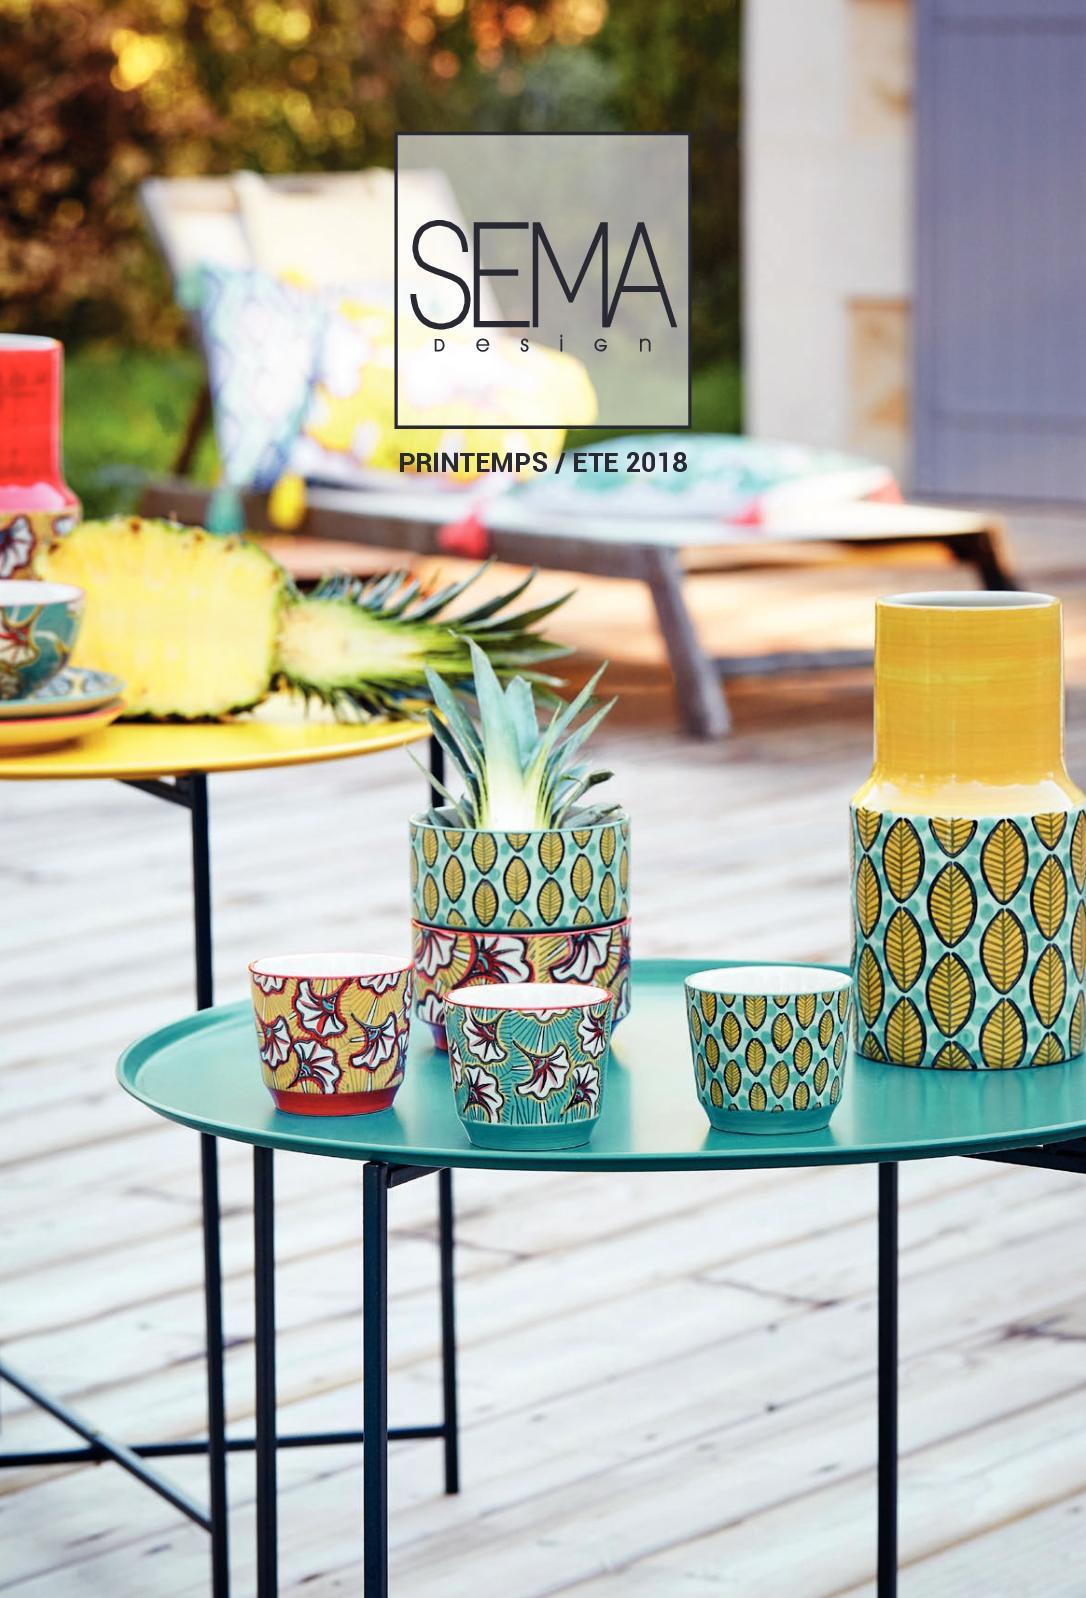 Calaméo Sema Design Printemps été 2018